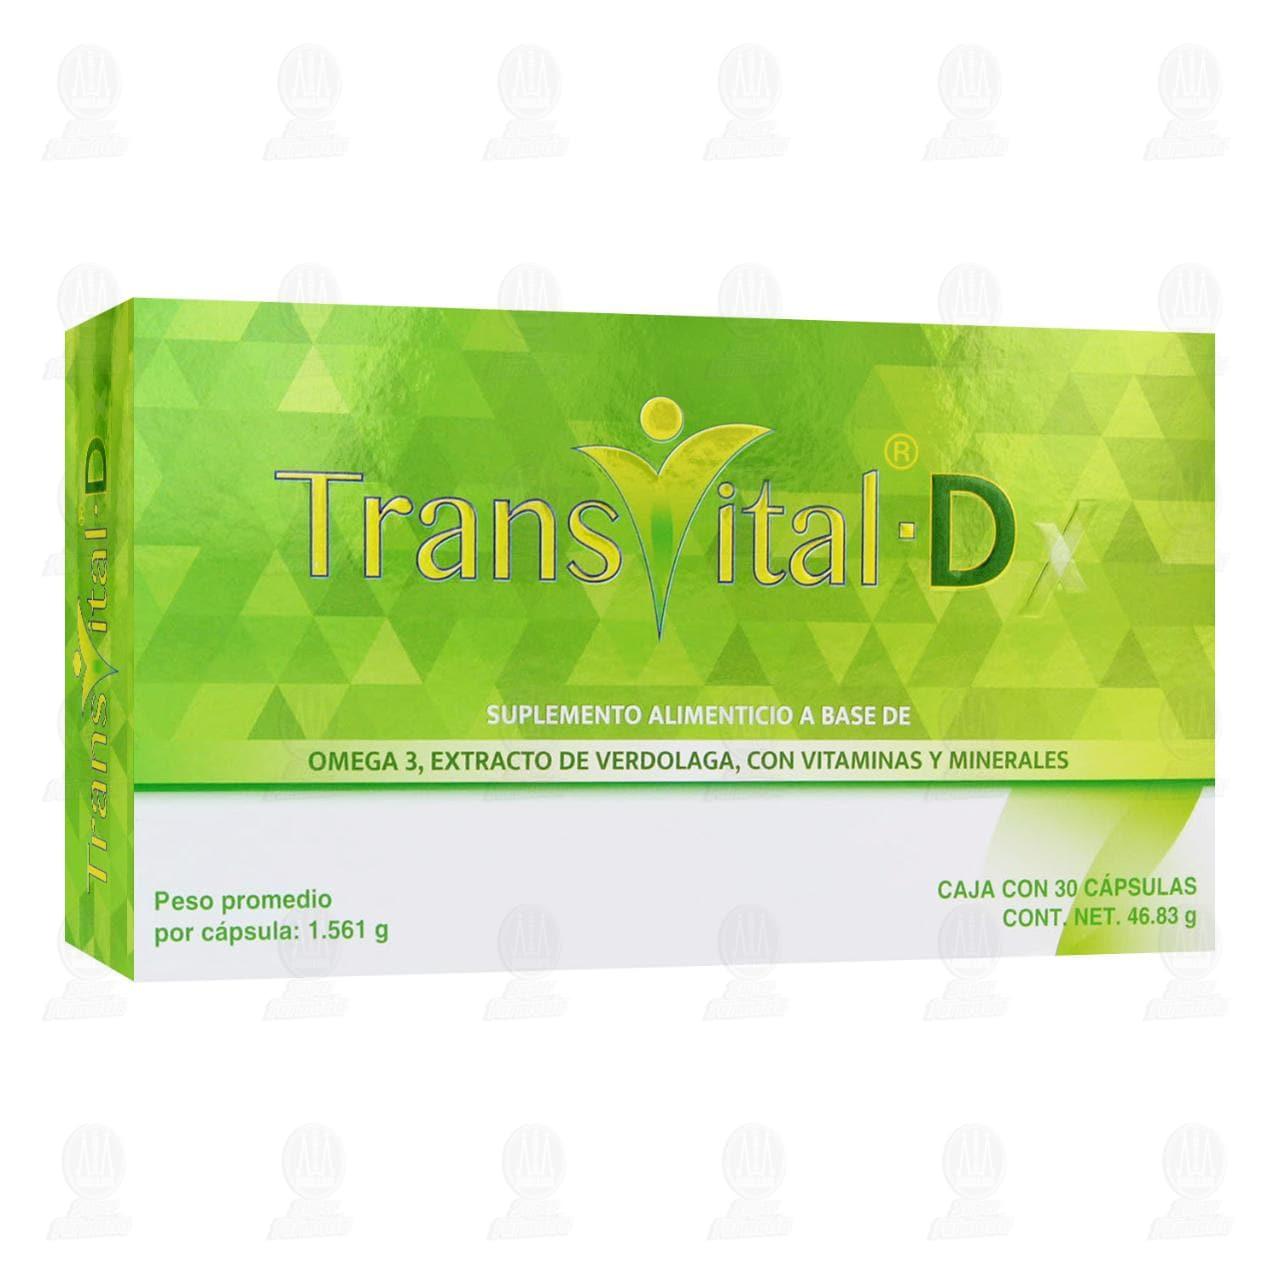 Comprar Suplemento Alimenticio Transvital-D 30 Cápsulas en Farmacias Guadalajara